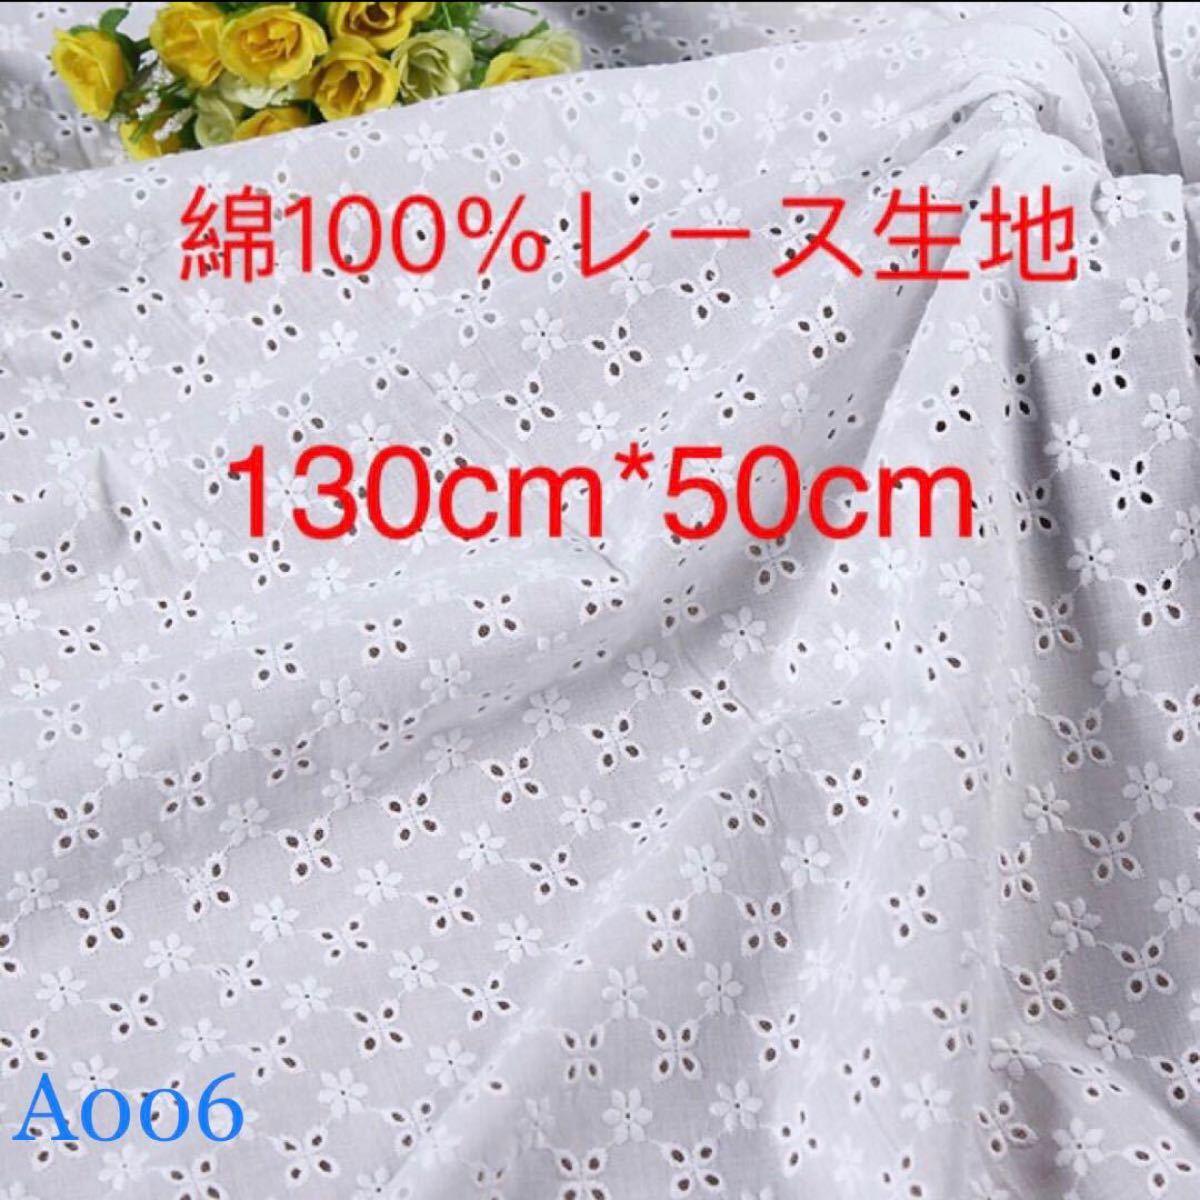 A006 綿100% カット 花柄 綿レース生地130cm*50cm